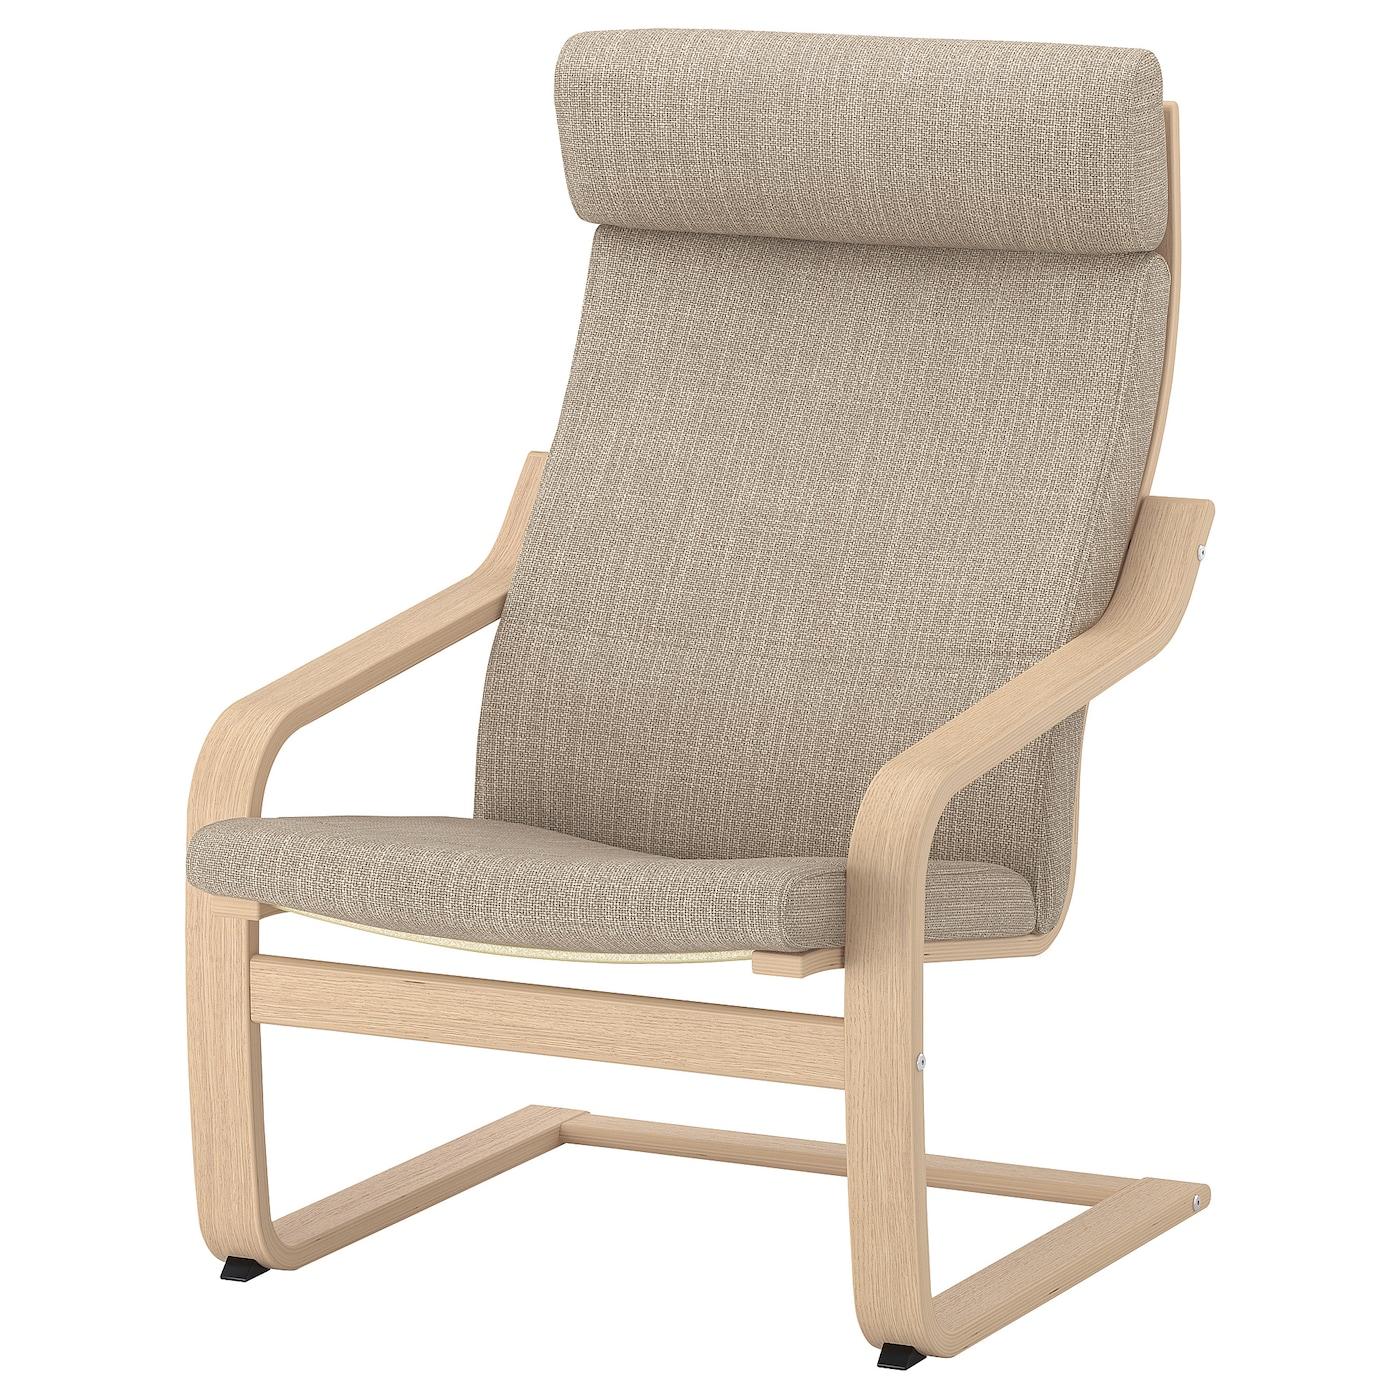 IKEA POÄNG Fotel, okleina dębowa bejcowana na biało, Hillared beżowy